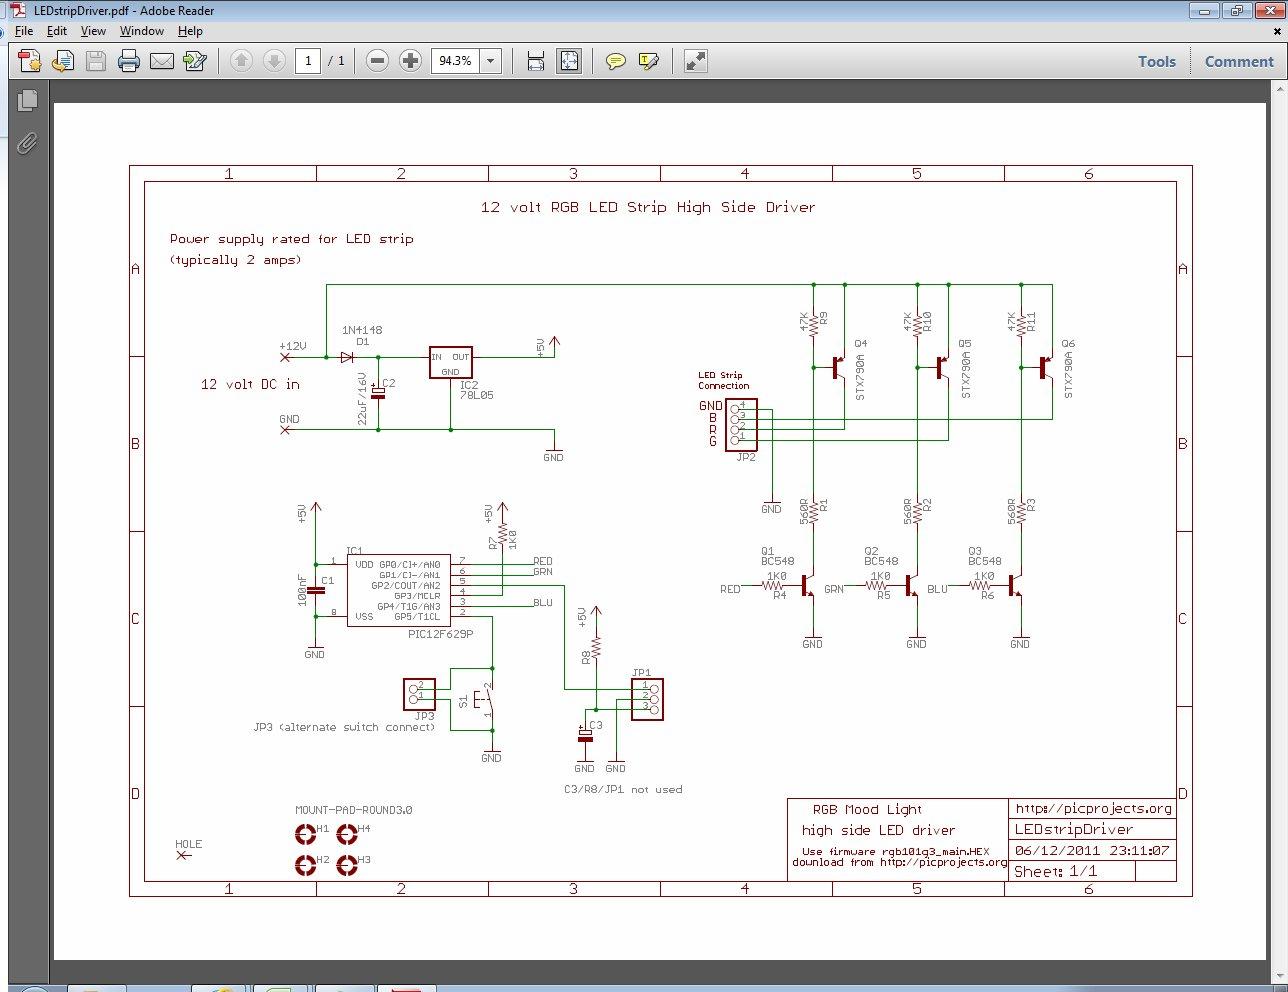 rgb led strip controller. Black Bedroom Furniture Sets. Home Design Ideas